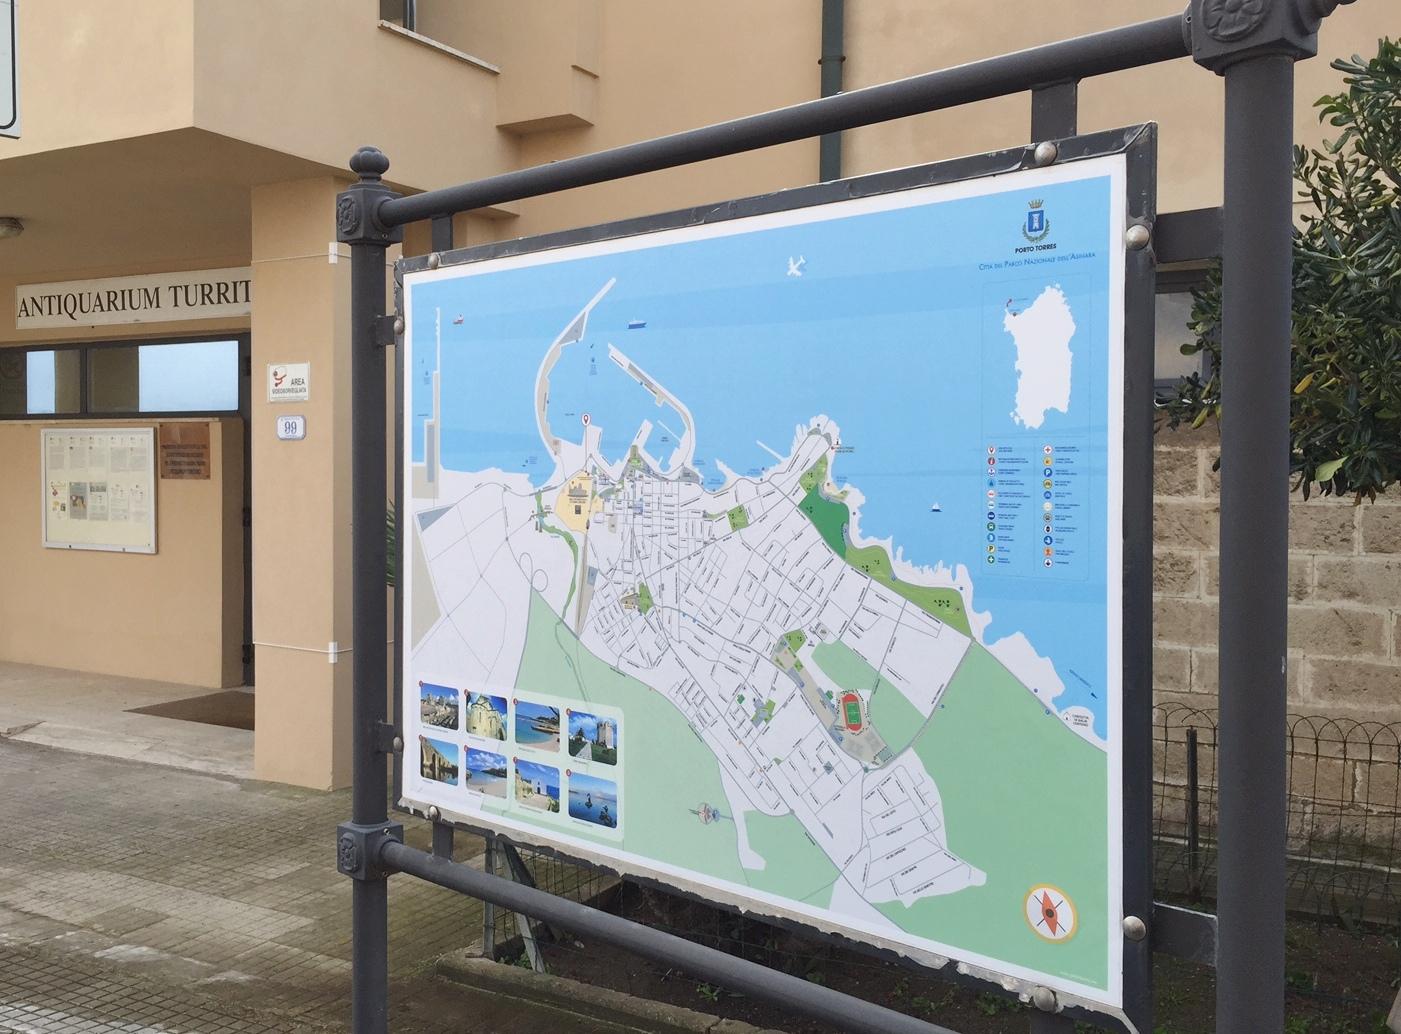 Pannello antiquarium. Febbraio 2015 Nuovi Cartelli Informativi nei Siti di Interesse Turistico. In evidenza la mappa della città e le immagini dei luoghi più suggestivi di Porto Torres.